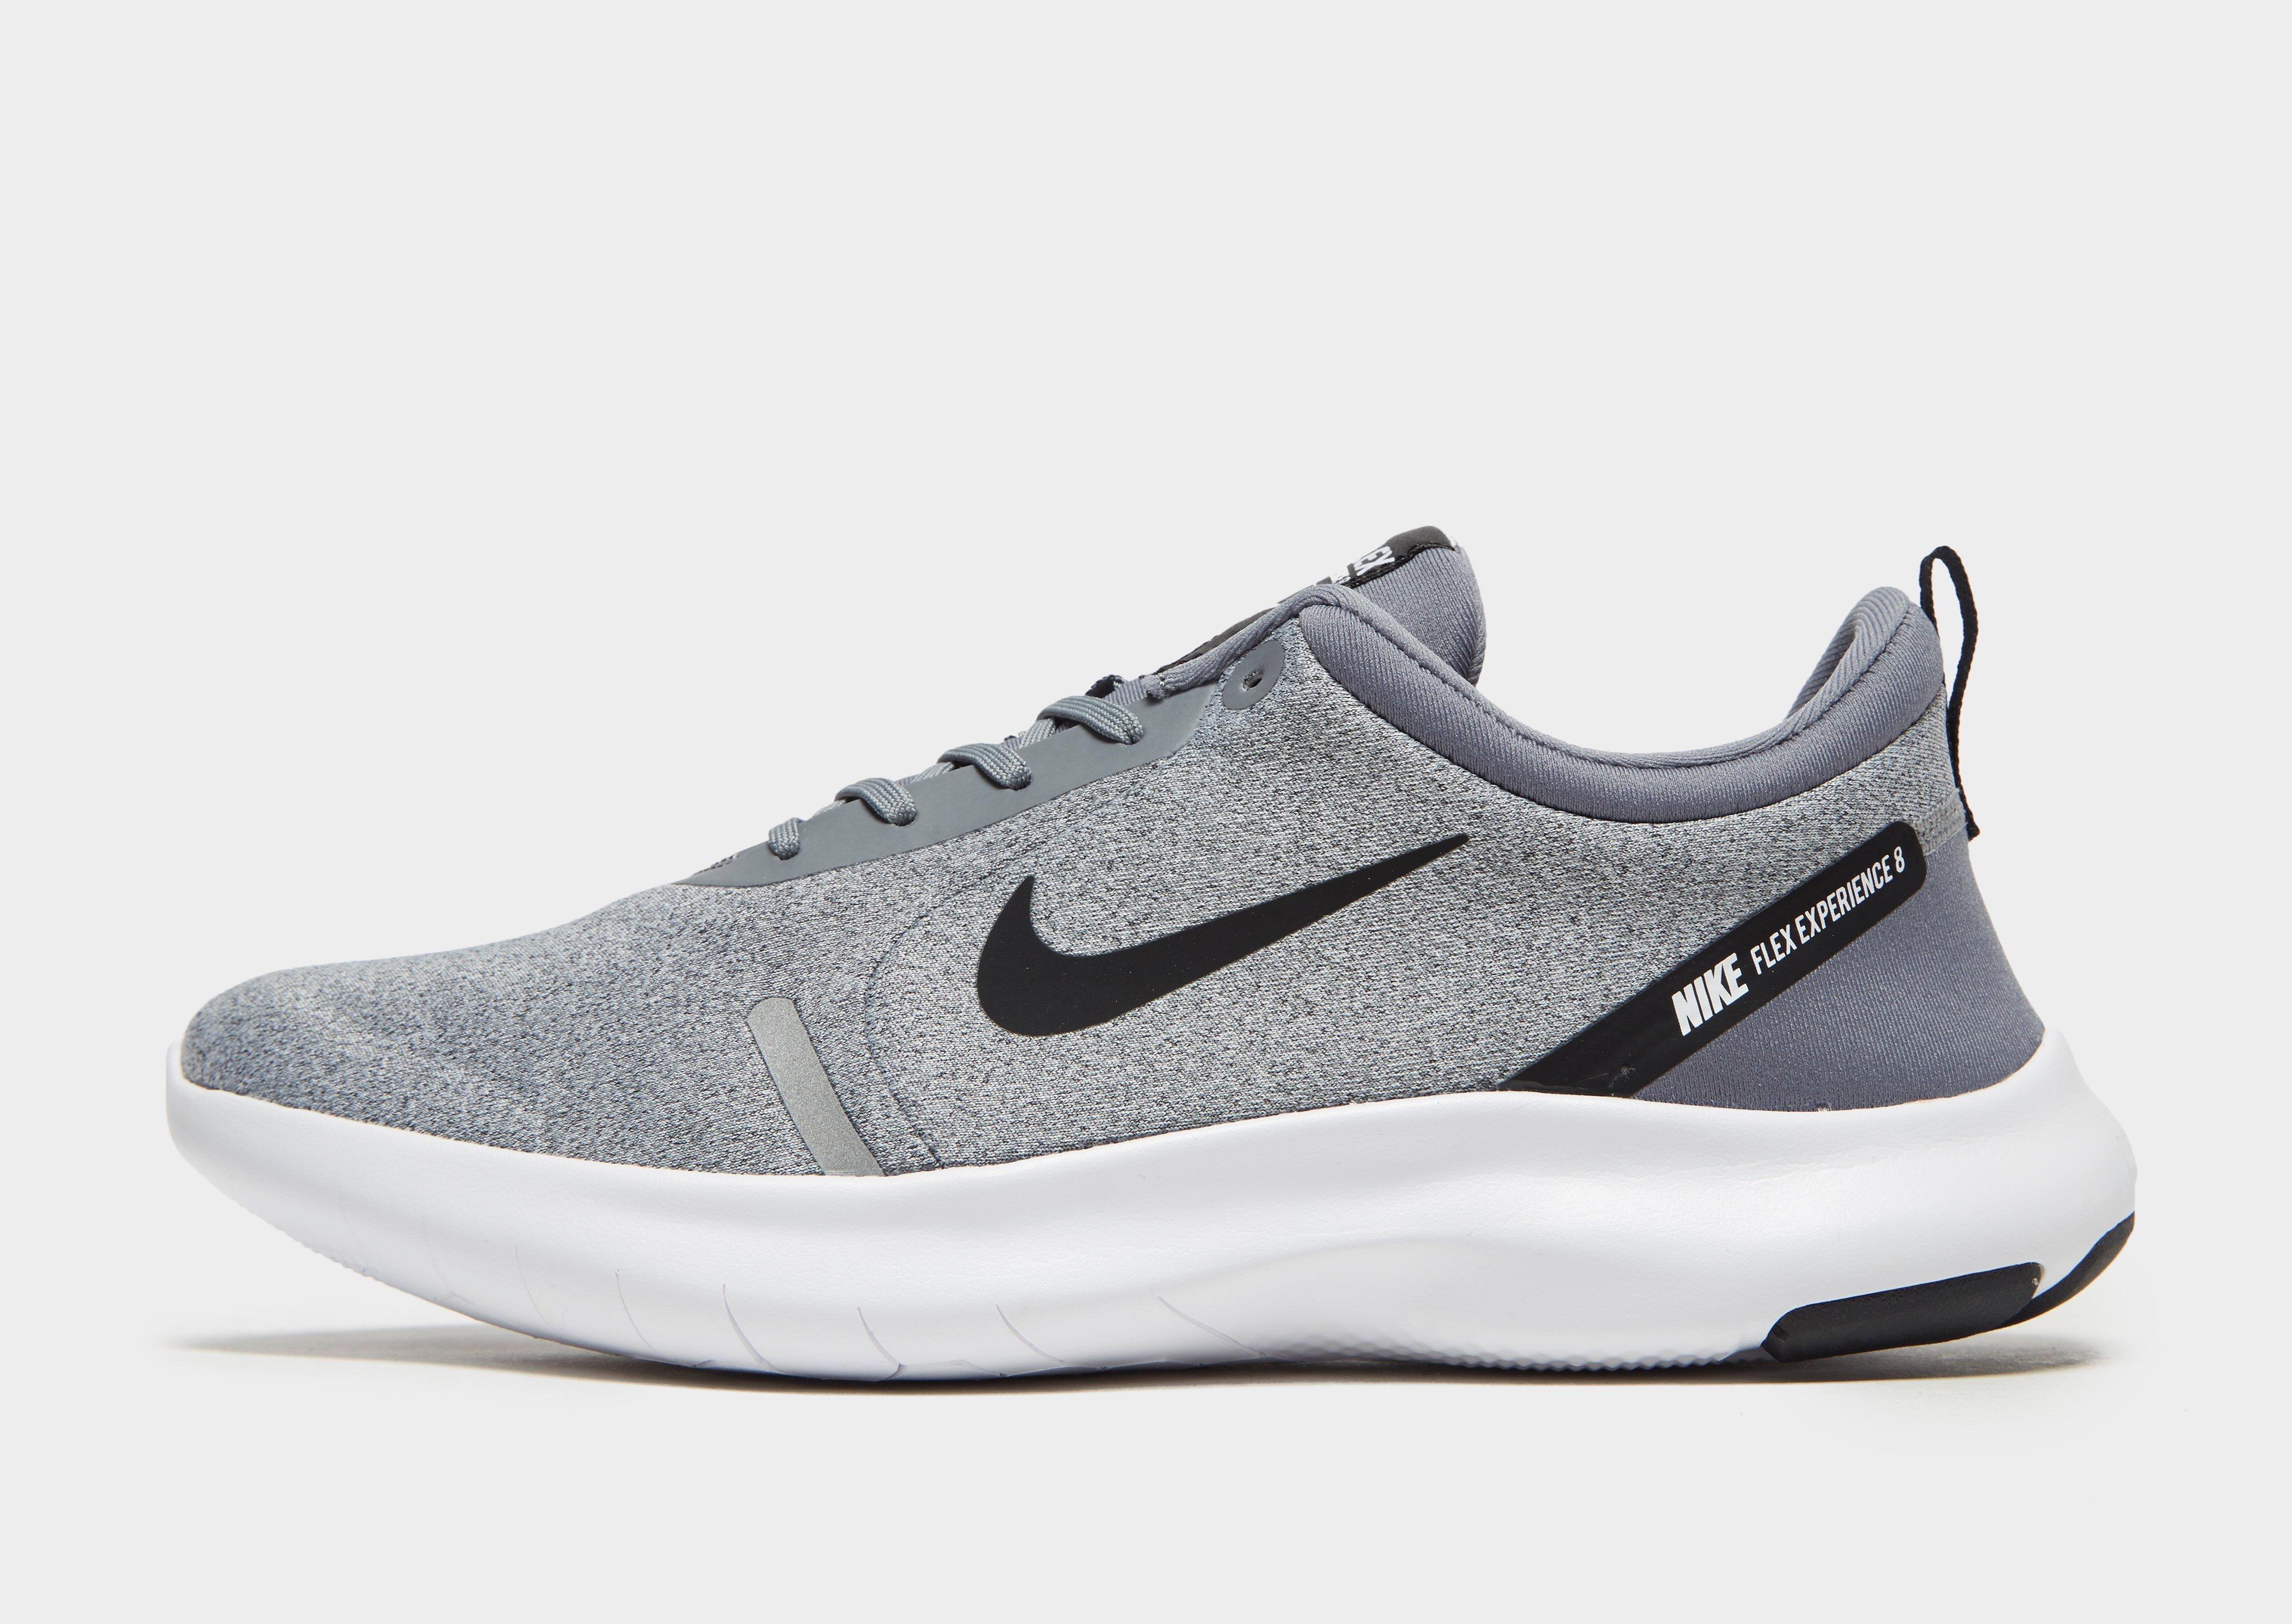 3f2a706d5b7 Nike Flex Experience RN 8